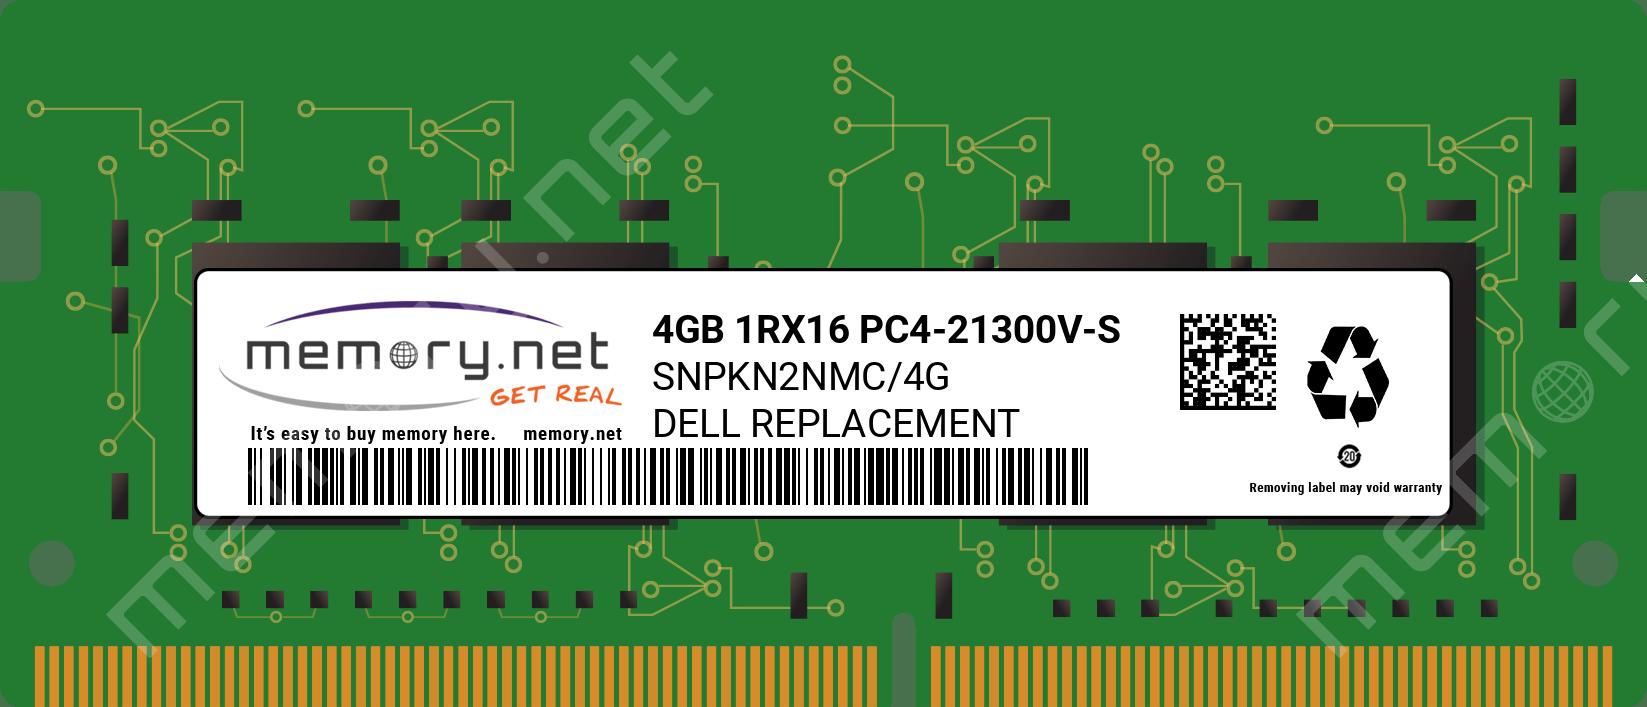 SNPKN2NMC/4G